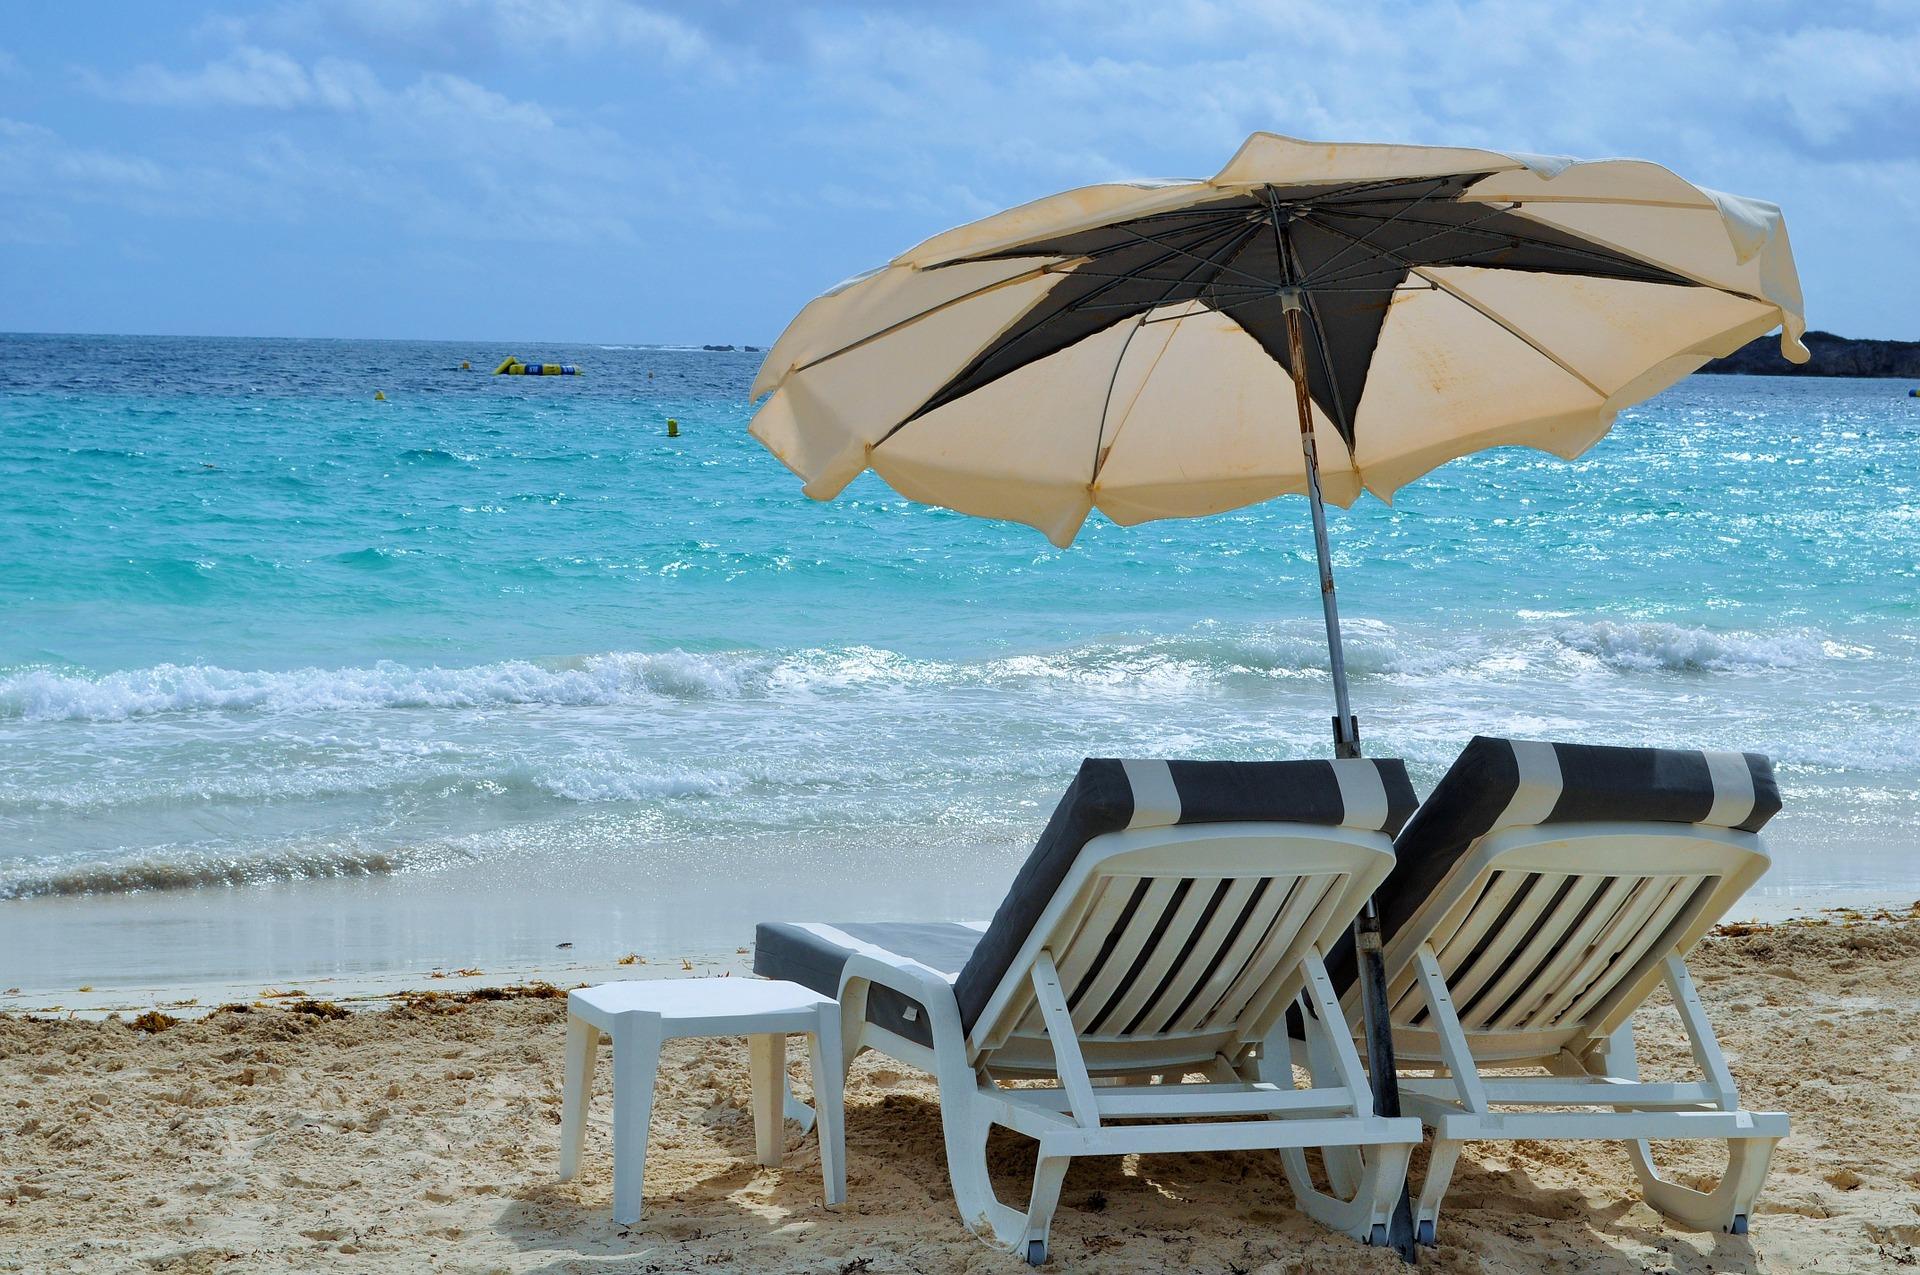 Vacanze tecnologiche: i 10 must have tech da portare in spiaggia